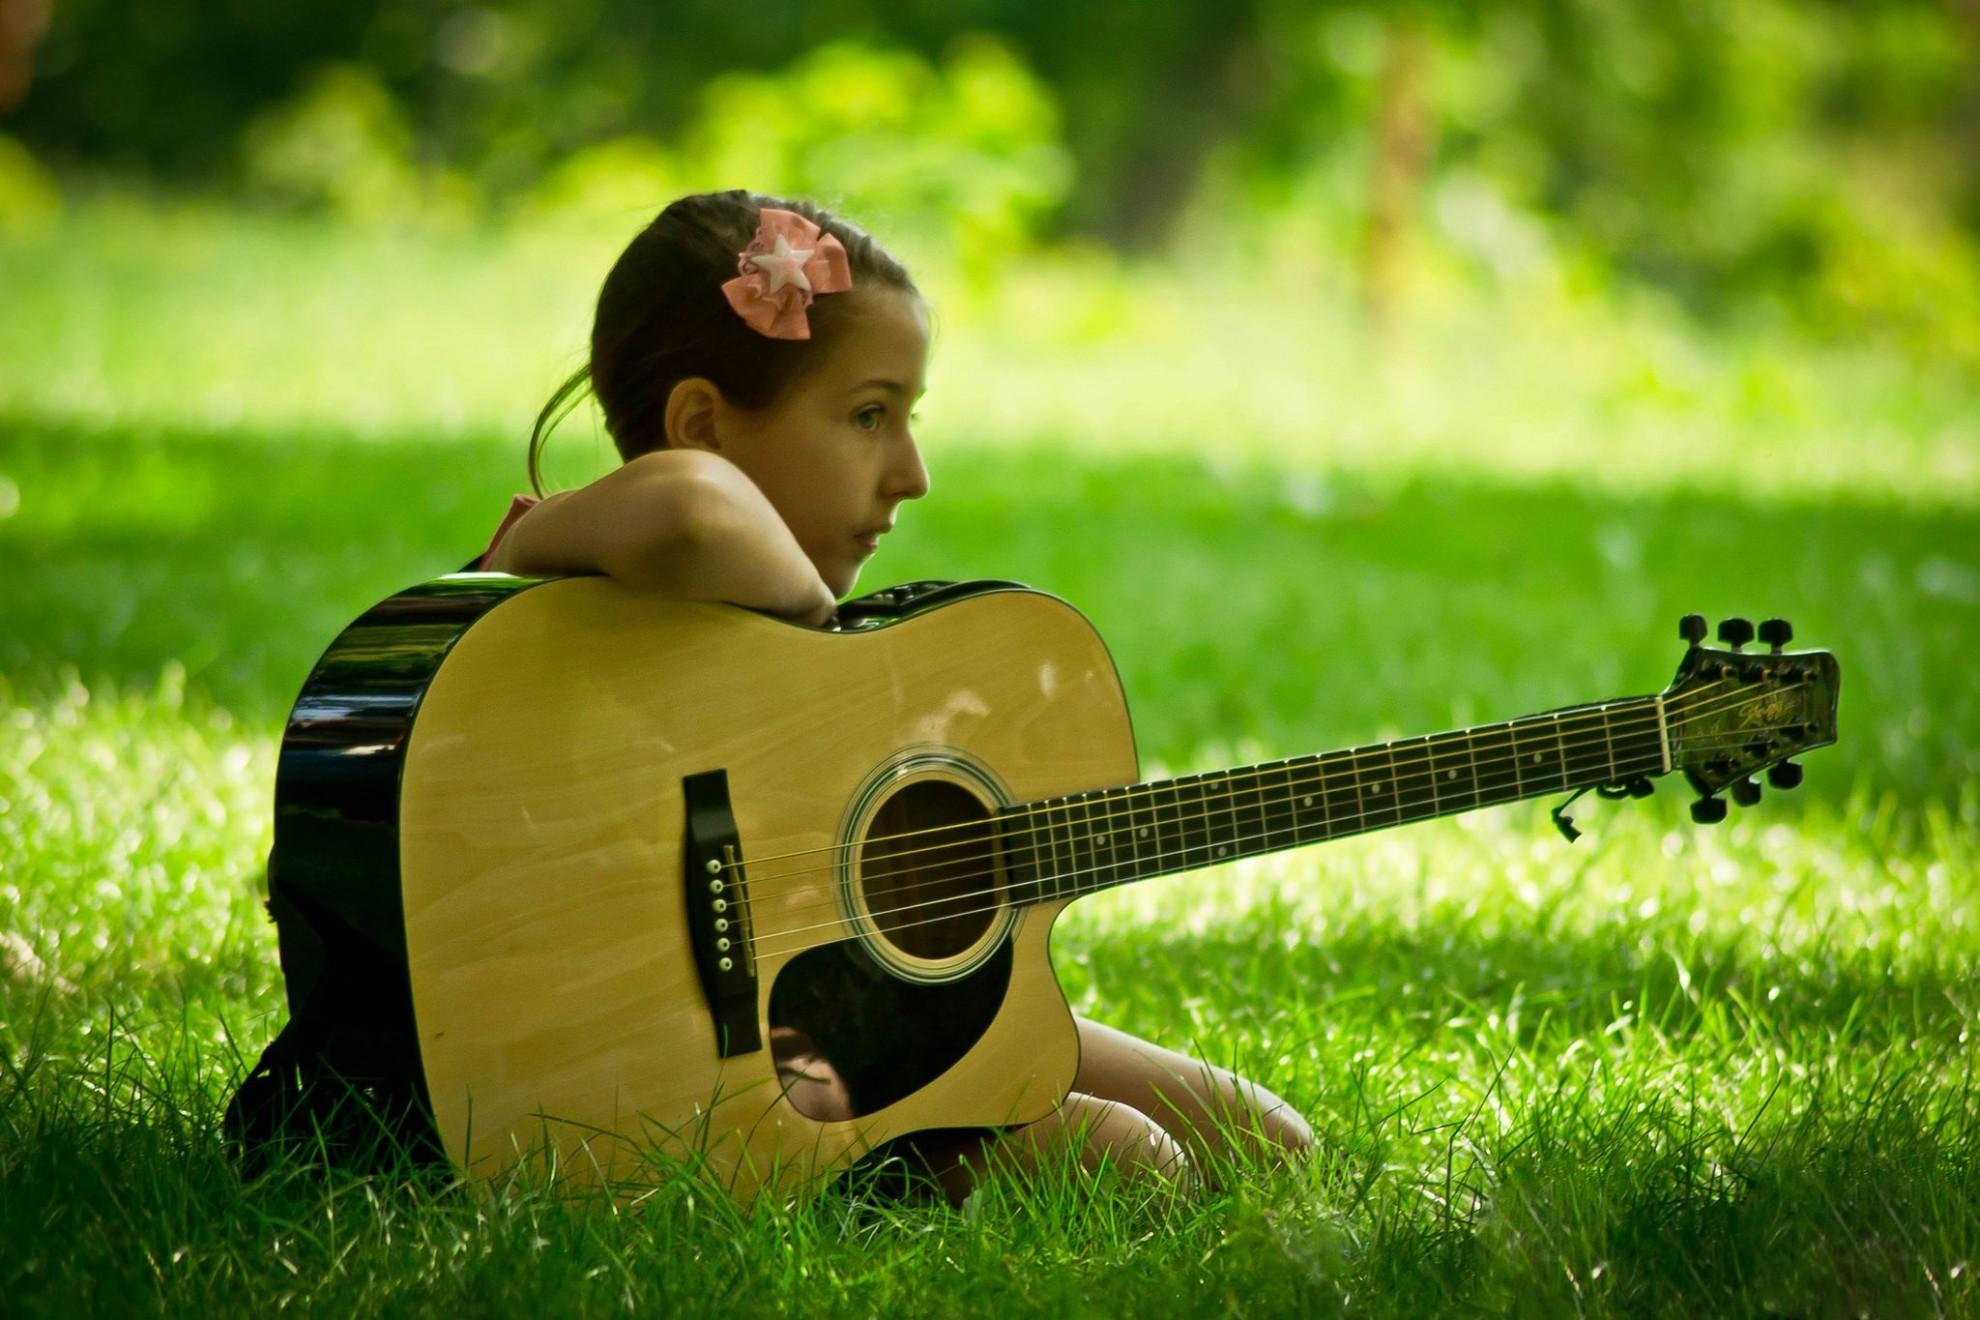 Festival naţional de muzică folk pe versuri scrise de Mihai Eminescu, organizat la Ipoteşti